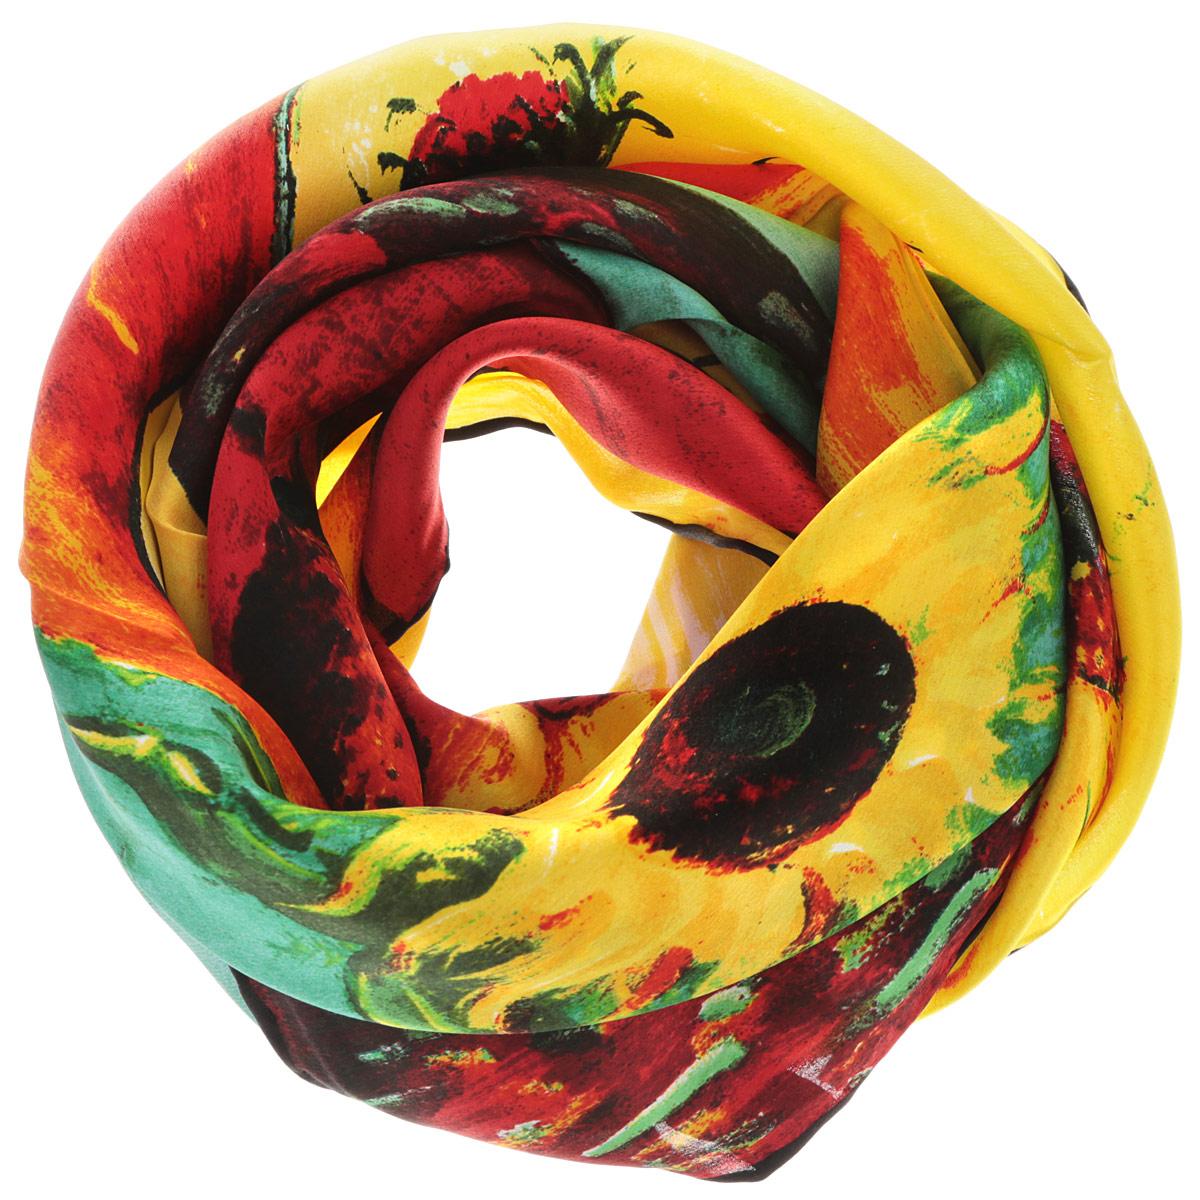 Платок женский. 60ШЛ_90х90_15127_П_3060ШЛ_90х90_15127_П_30Стильный женский платок Piero станет великолепным завершением любого наряда. Платок изготовлен из натурального шелка и оформлен оригинальным принтом в виде цветов в горшке. Классическая квадратная форма позволяет носить платок на шее, украшать им прическу или декорировать сумочку. Такой платок превосходно дополнит любой наряд и подчеркнет ваш неповторимый вкус и элегантность.